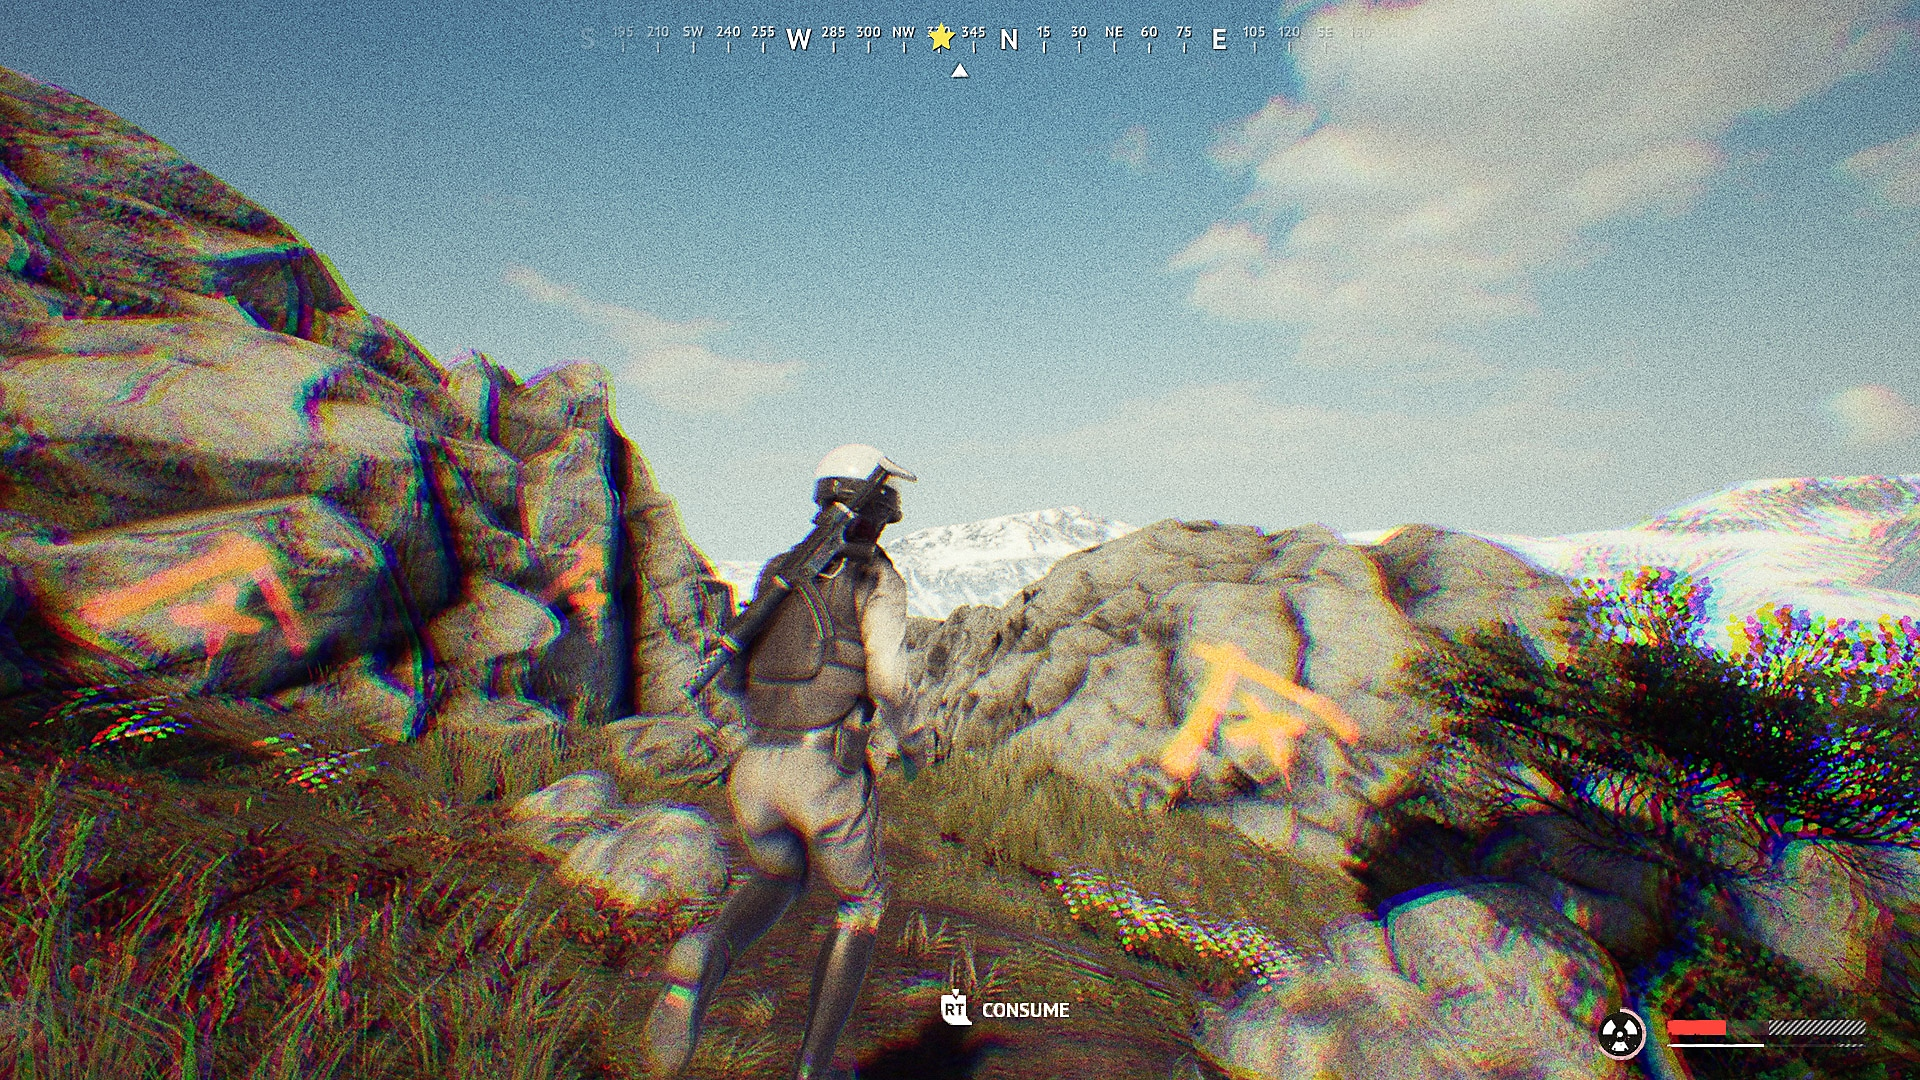 Vigor - Istantanea della schermata di gioco